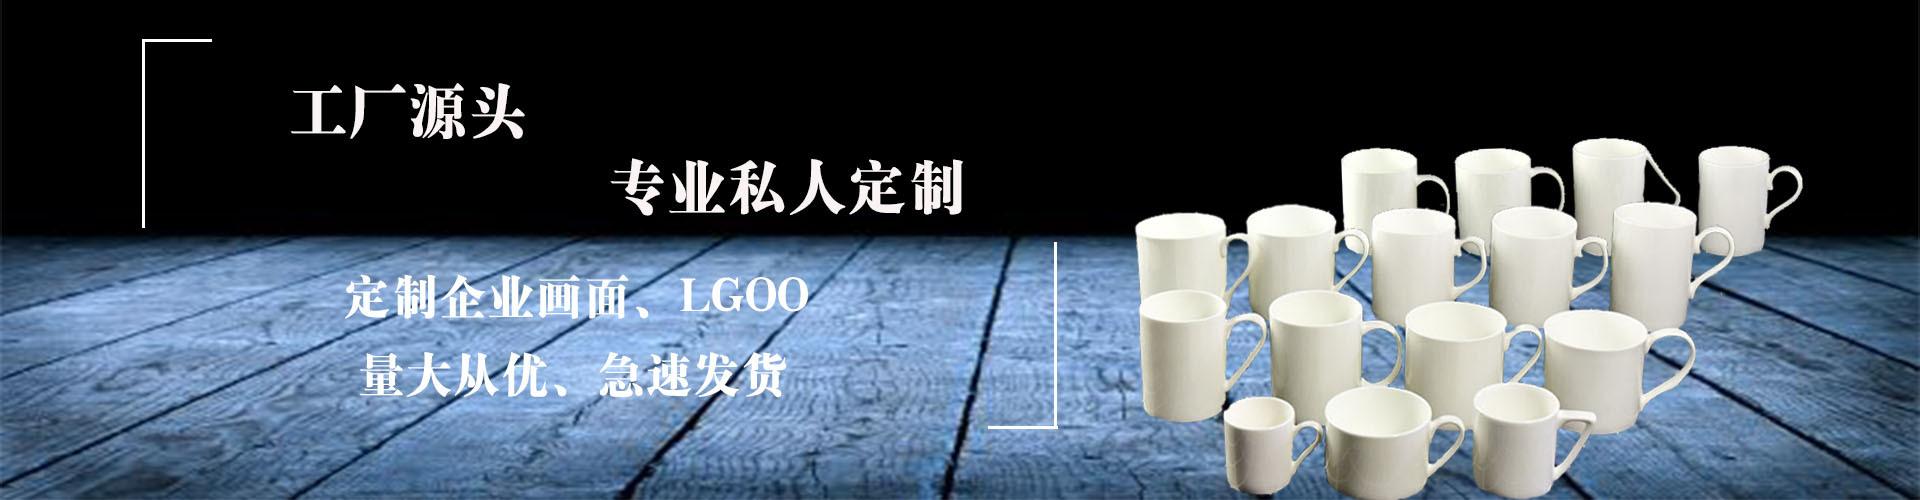 骨瓷广告杯_礼品杯定制厂